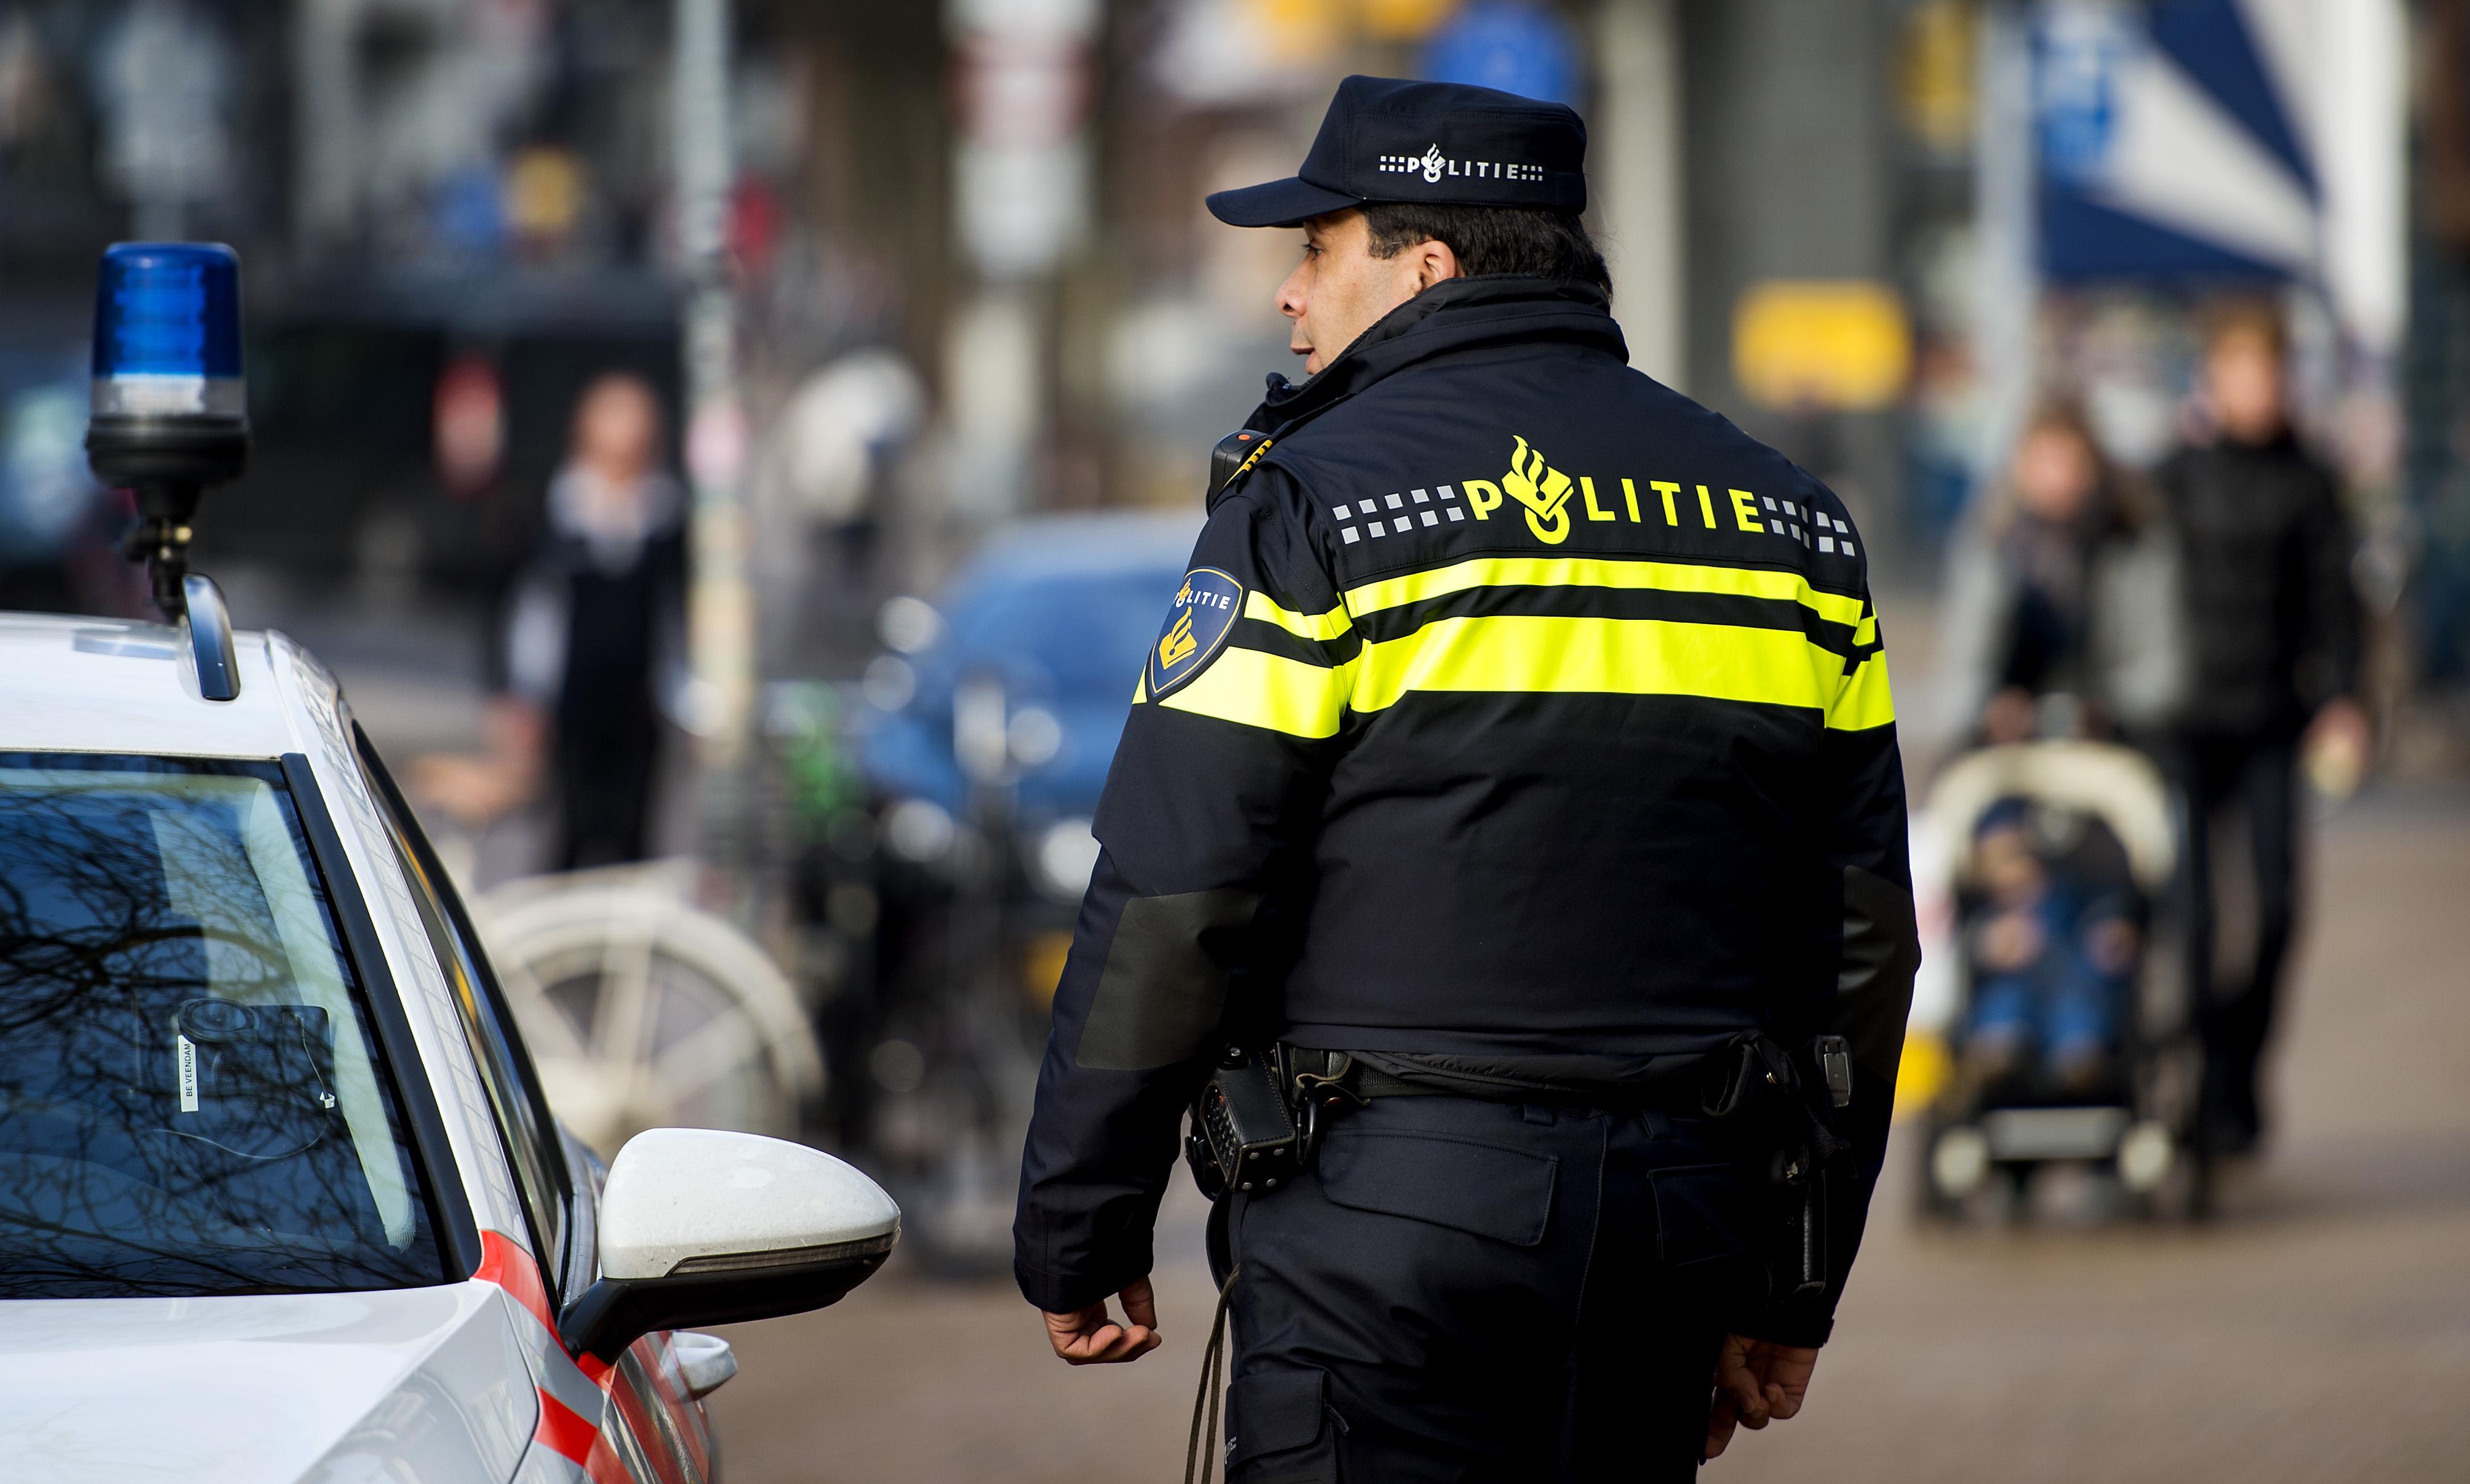 Afgelopen nachten airbags van auto's gestolen in Nieuwkoop en Oude Wetering. Wie heeft de daders in beeld?